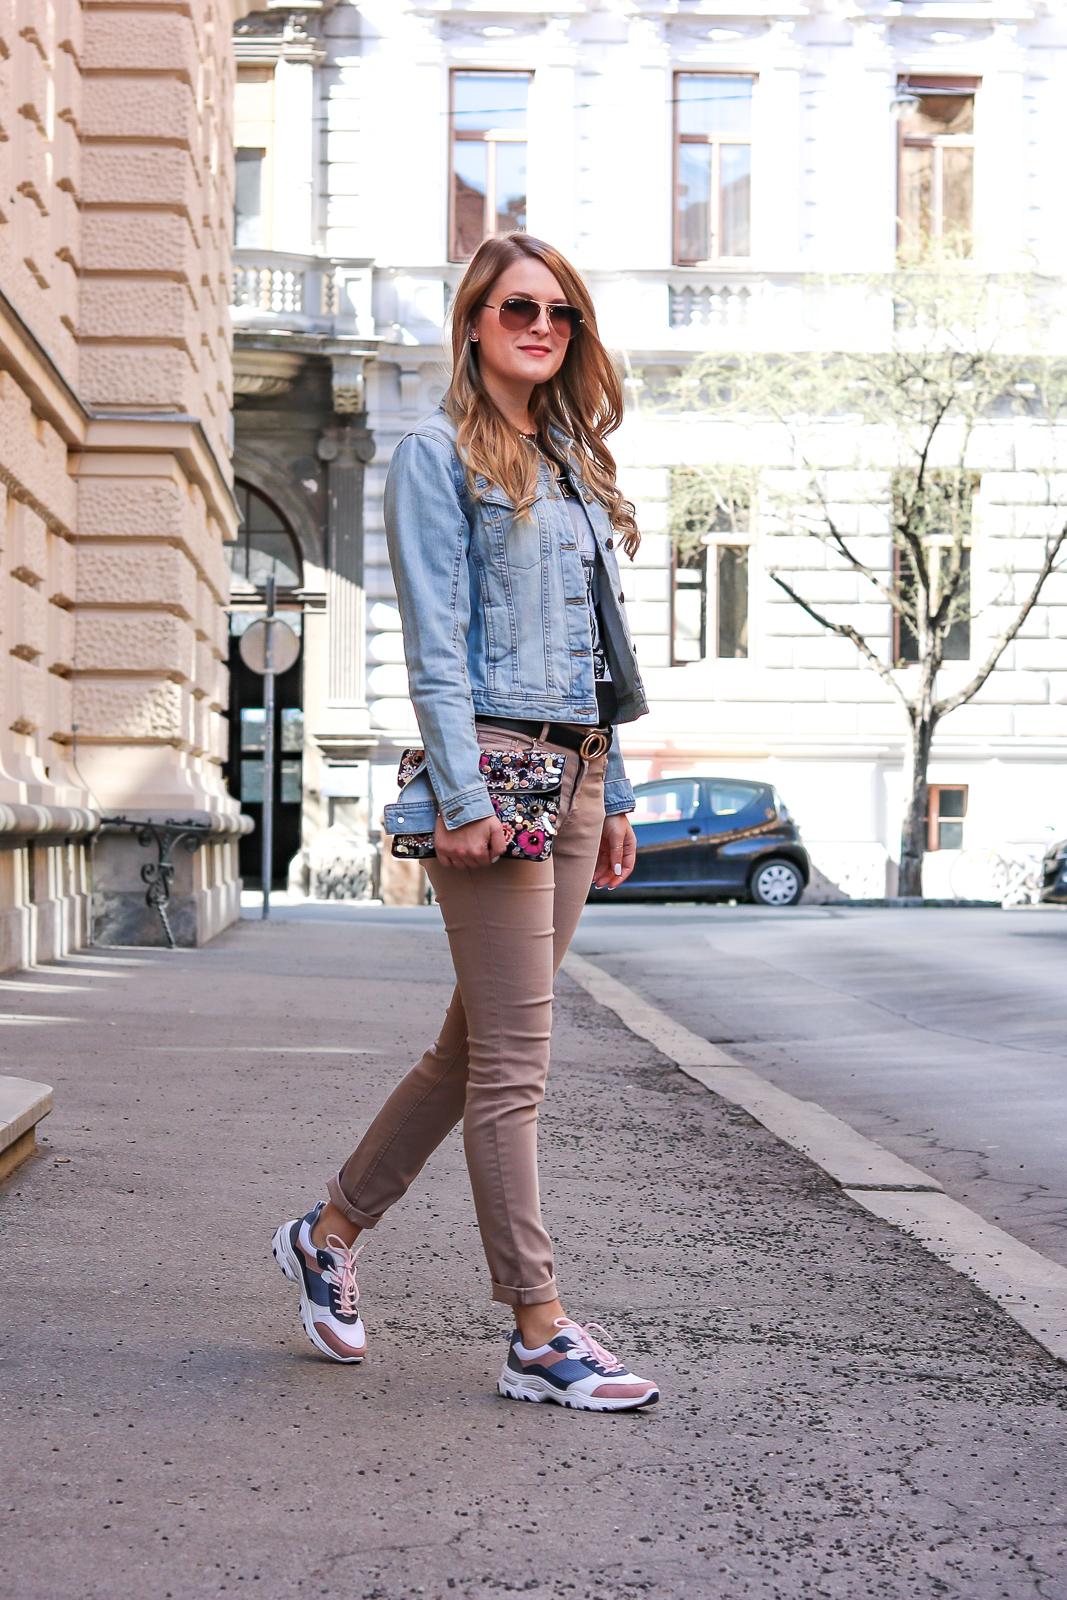 43f688441a9c Die Sneaker-Trends des Jahres - Fashionladyloves